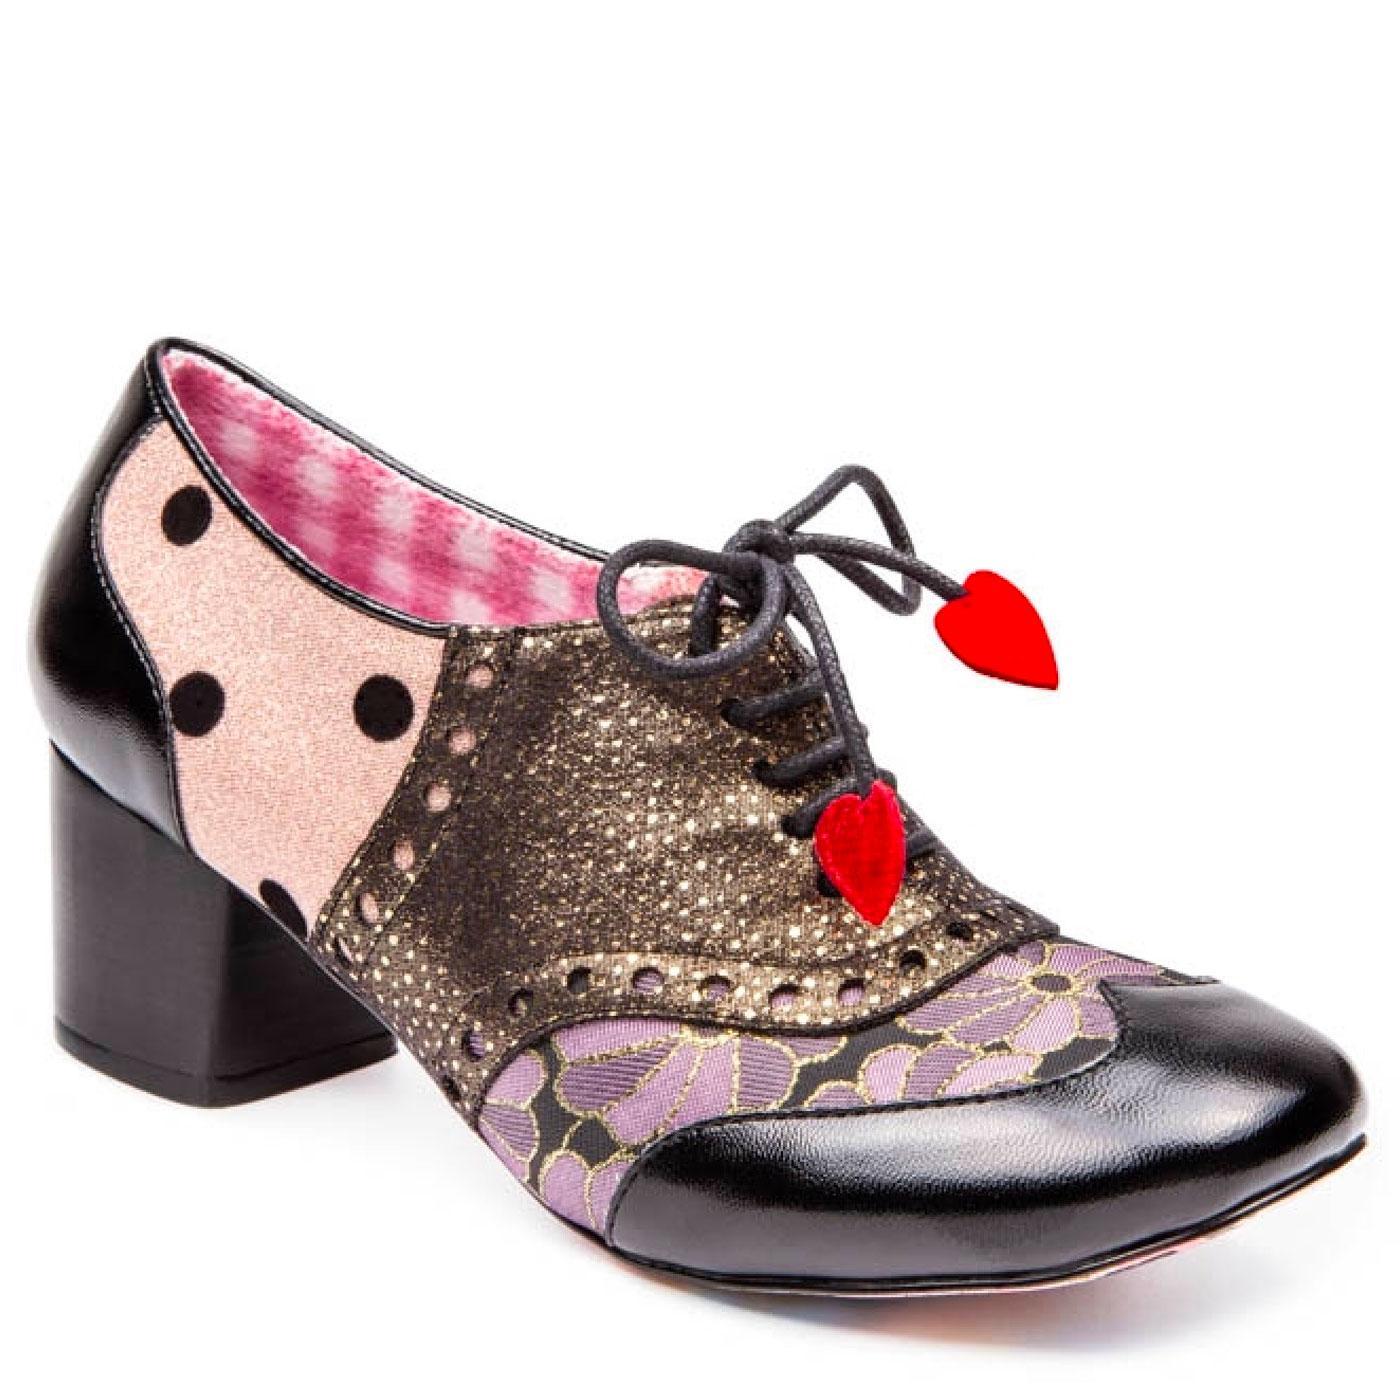 Clara Bow IRREGULAR CHOICE Retro 60s Mod Shoes